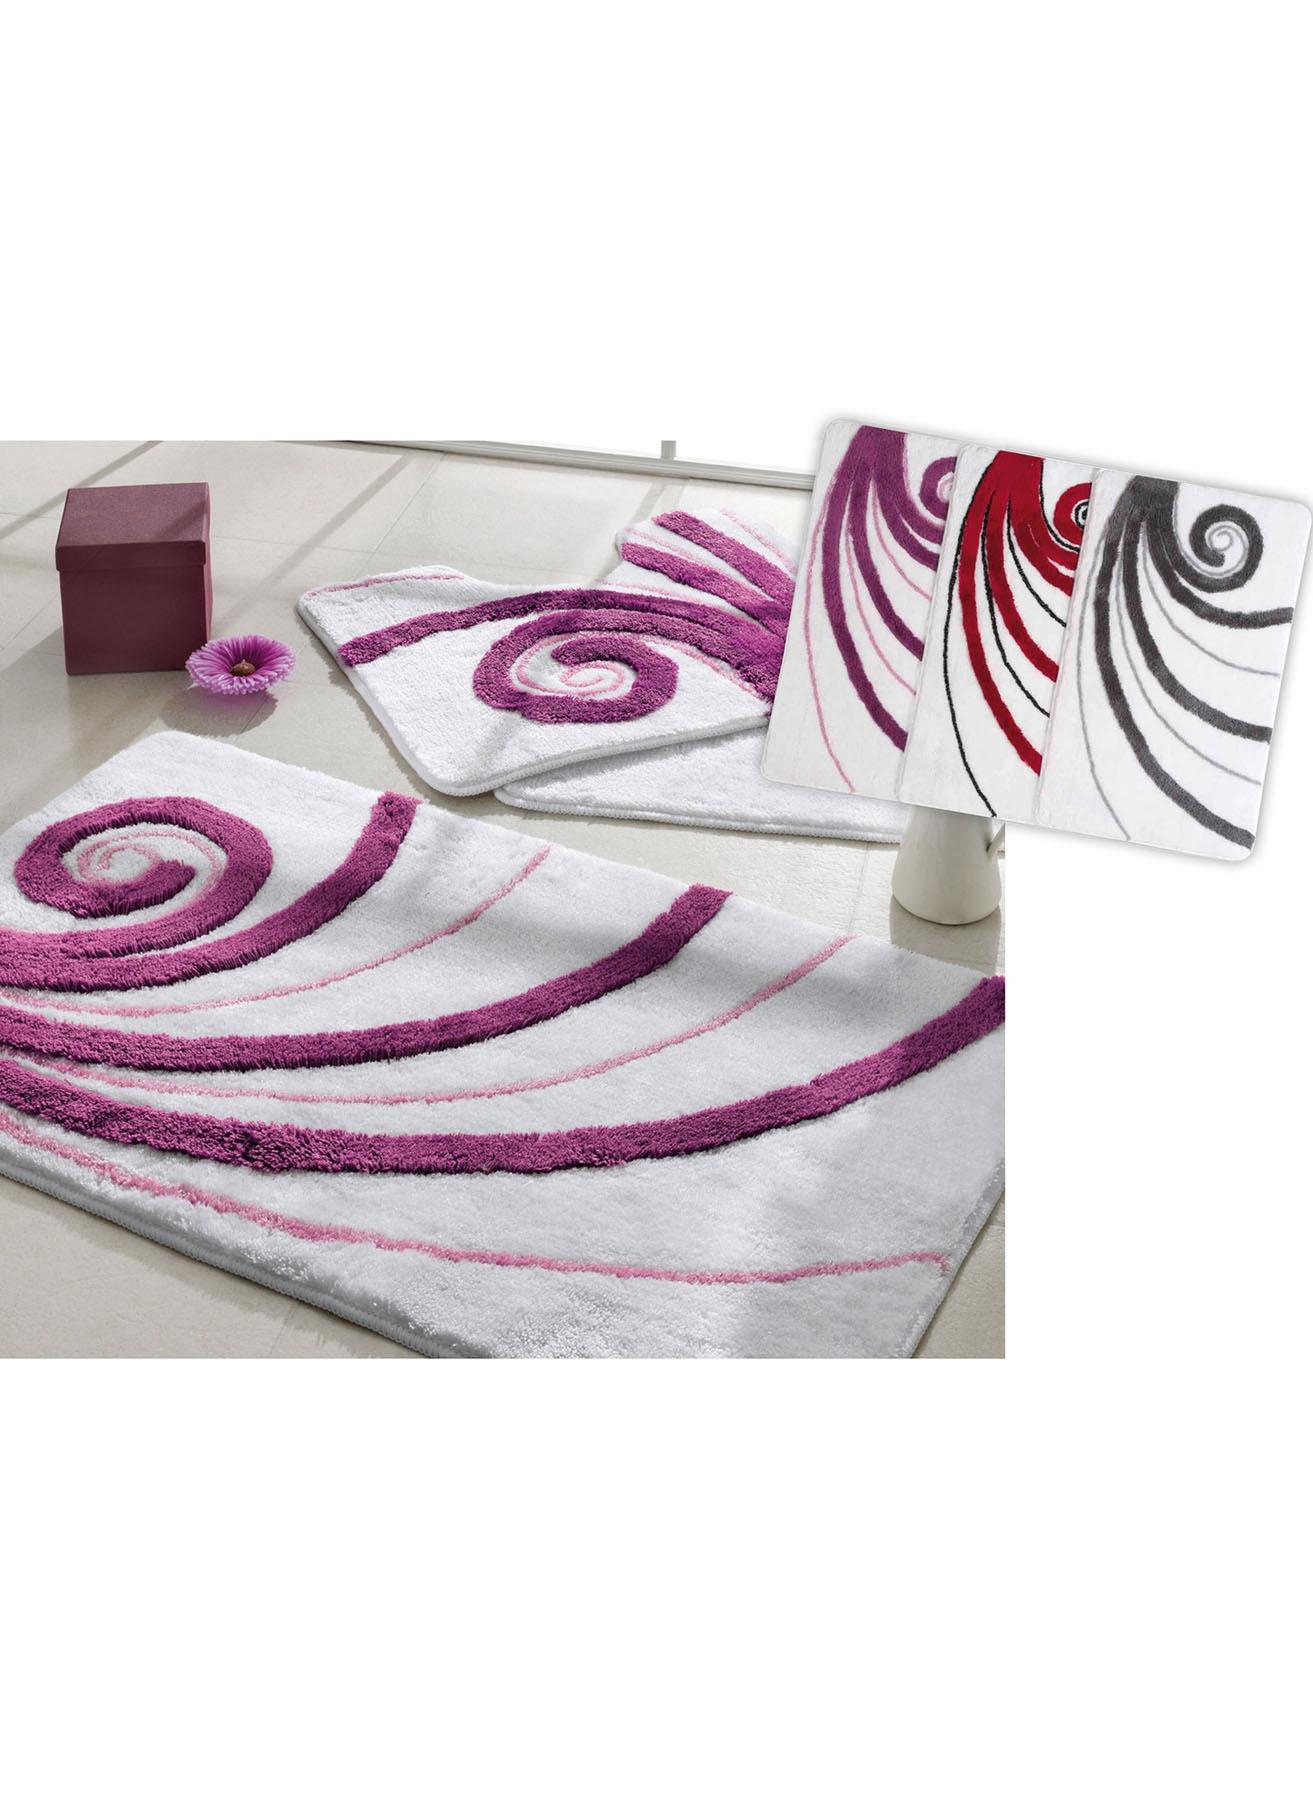 unisex Renksiz Taç Mendy Paspas Seti 5002007457001 Ev Banyo Ürünleri